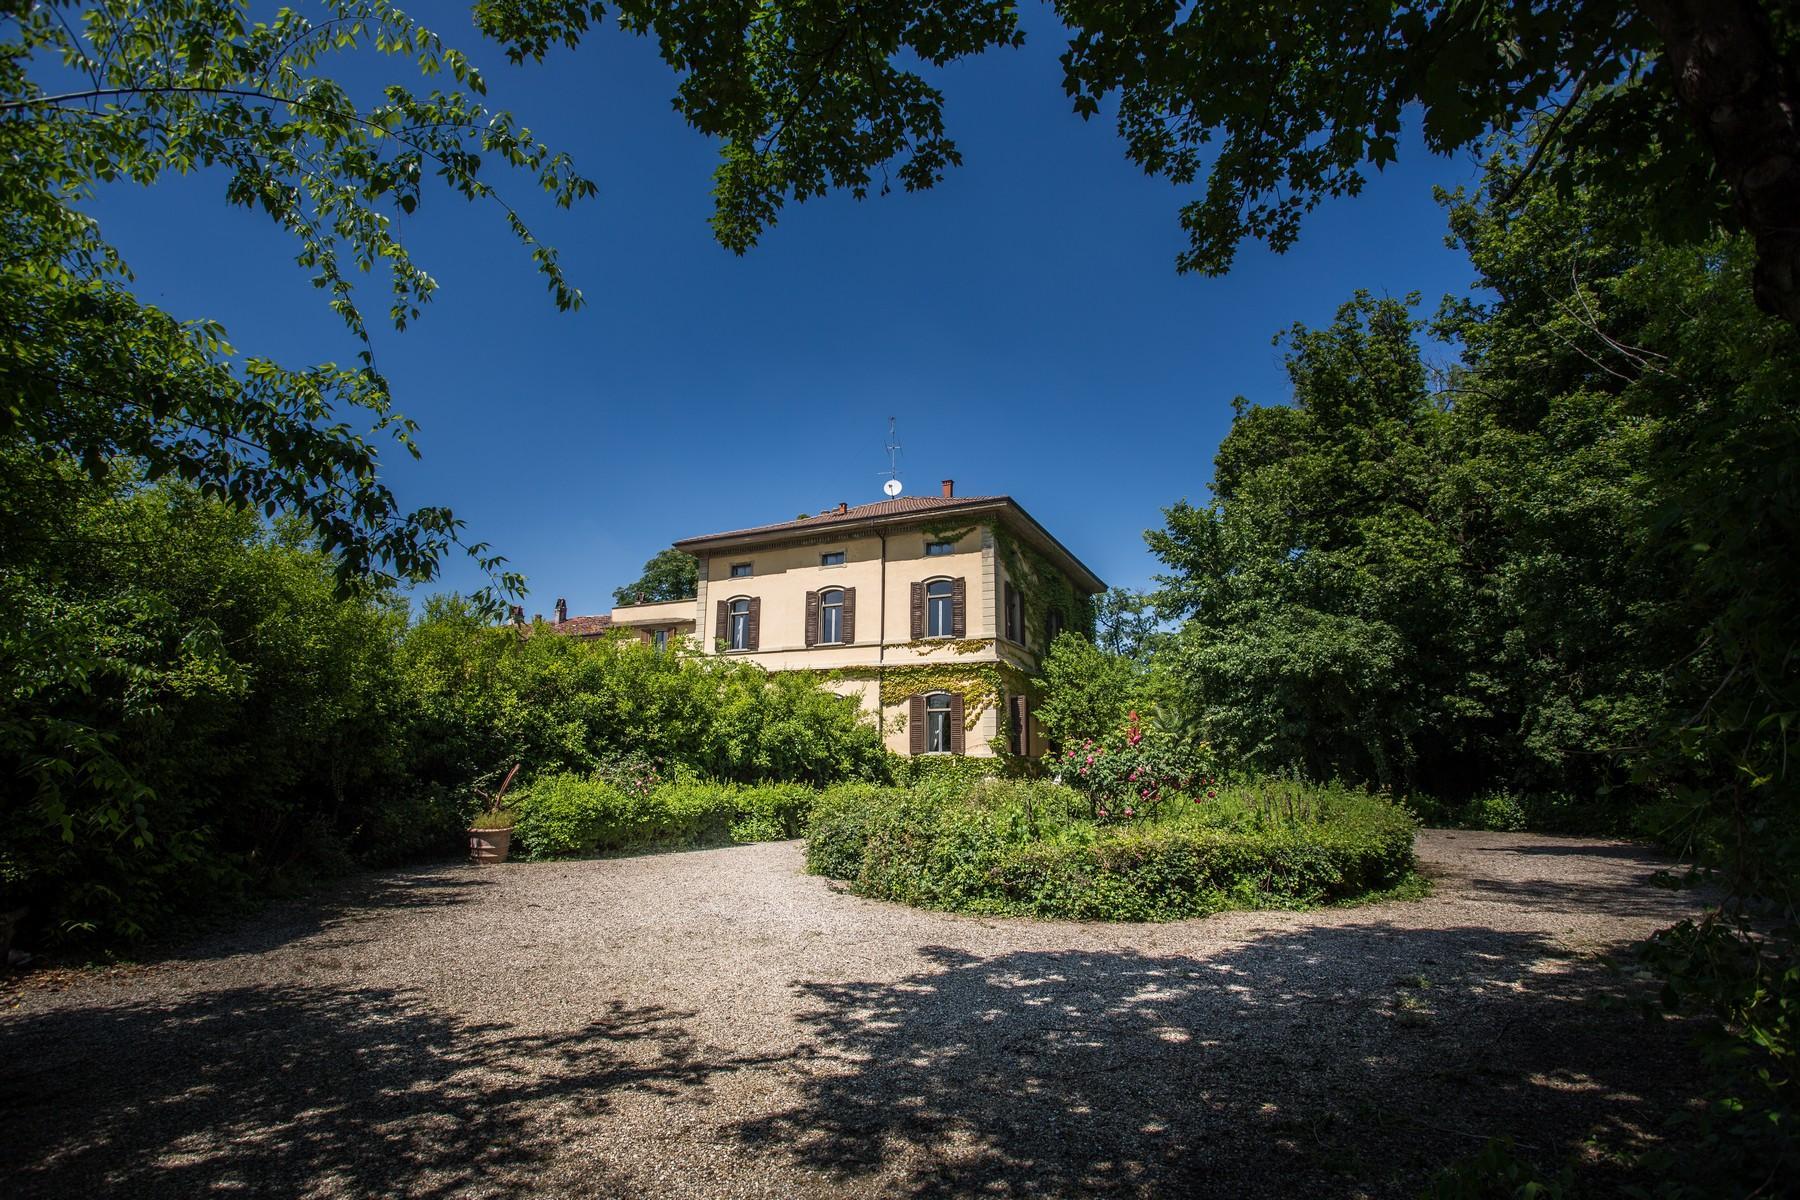 位于Cremona乡村内且拥有大公园的历史久远的别墅 - 2